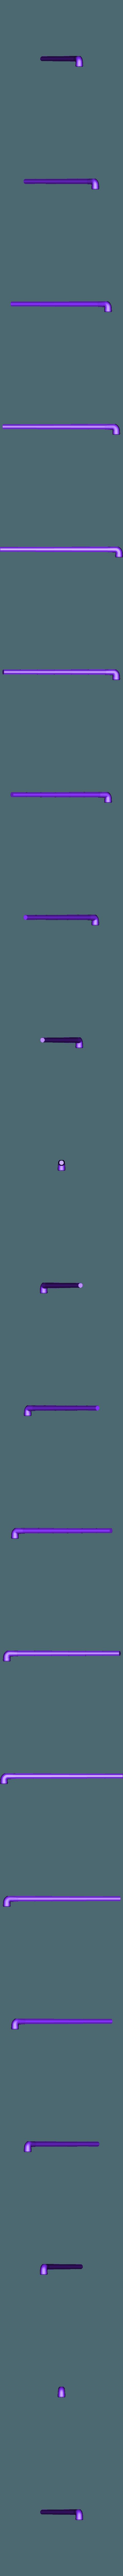 narcissus_type_b_stem.stl Télécharger fichier STL gratuit Narcisses de printemps • Design imprimable en 3D, tone001